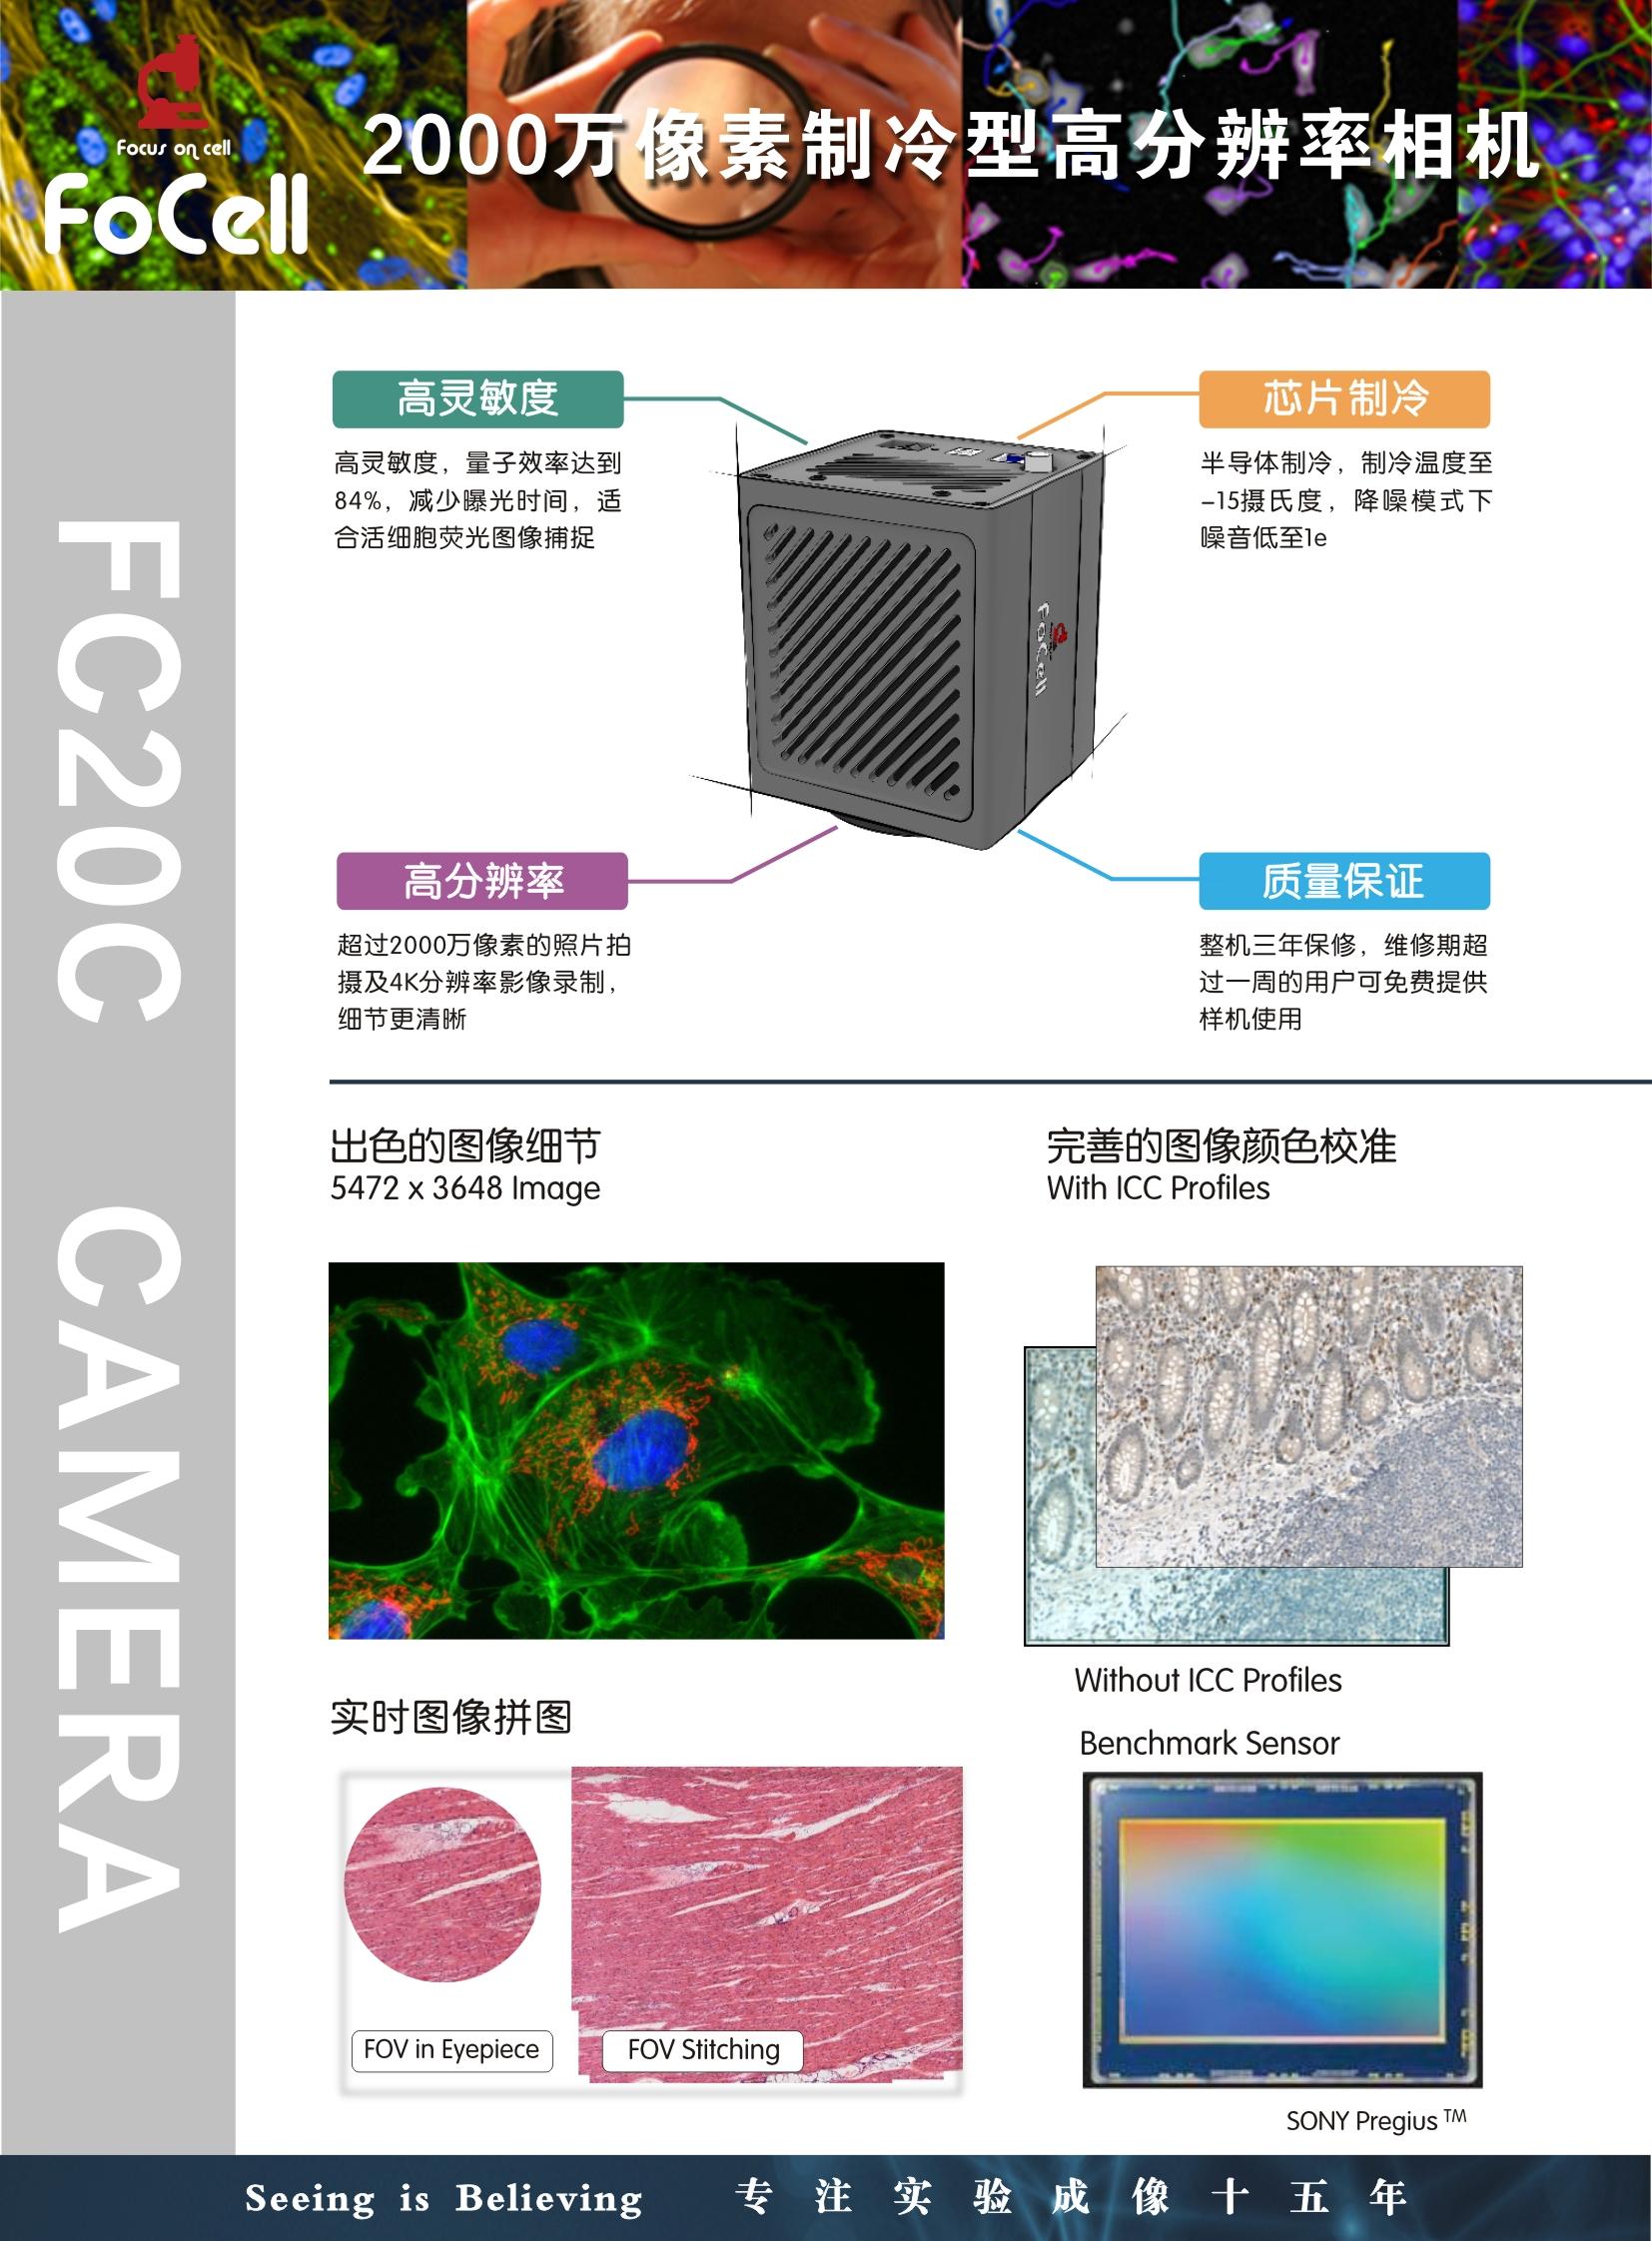 FC20C- 彩色2000万像素制冷型显微镜CMOS相机